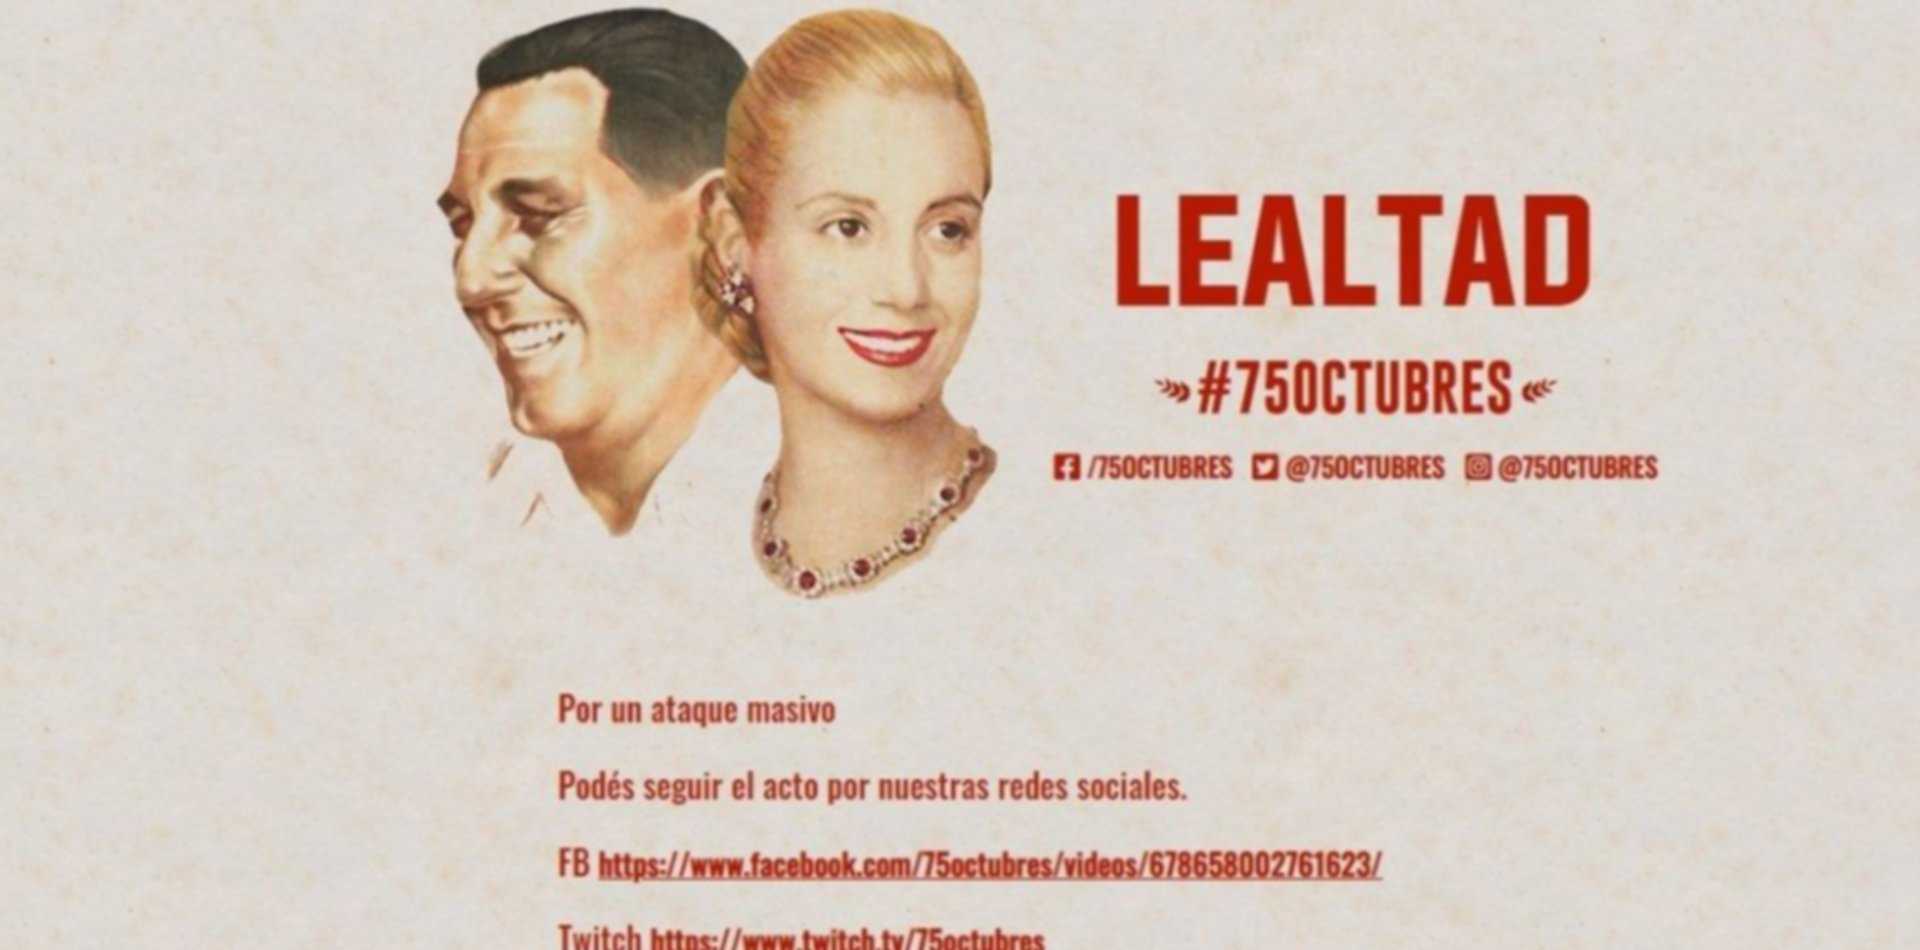 Se cayó el servidor de la marcha virtual por el Día de la Lealtad y denuncian hackeo